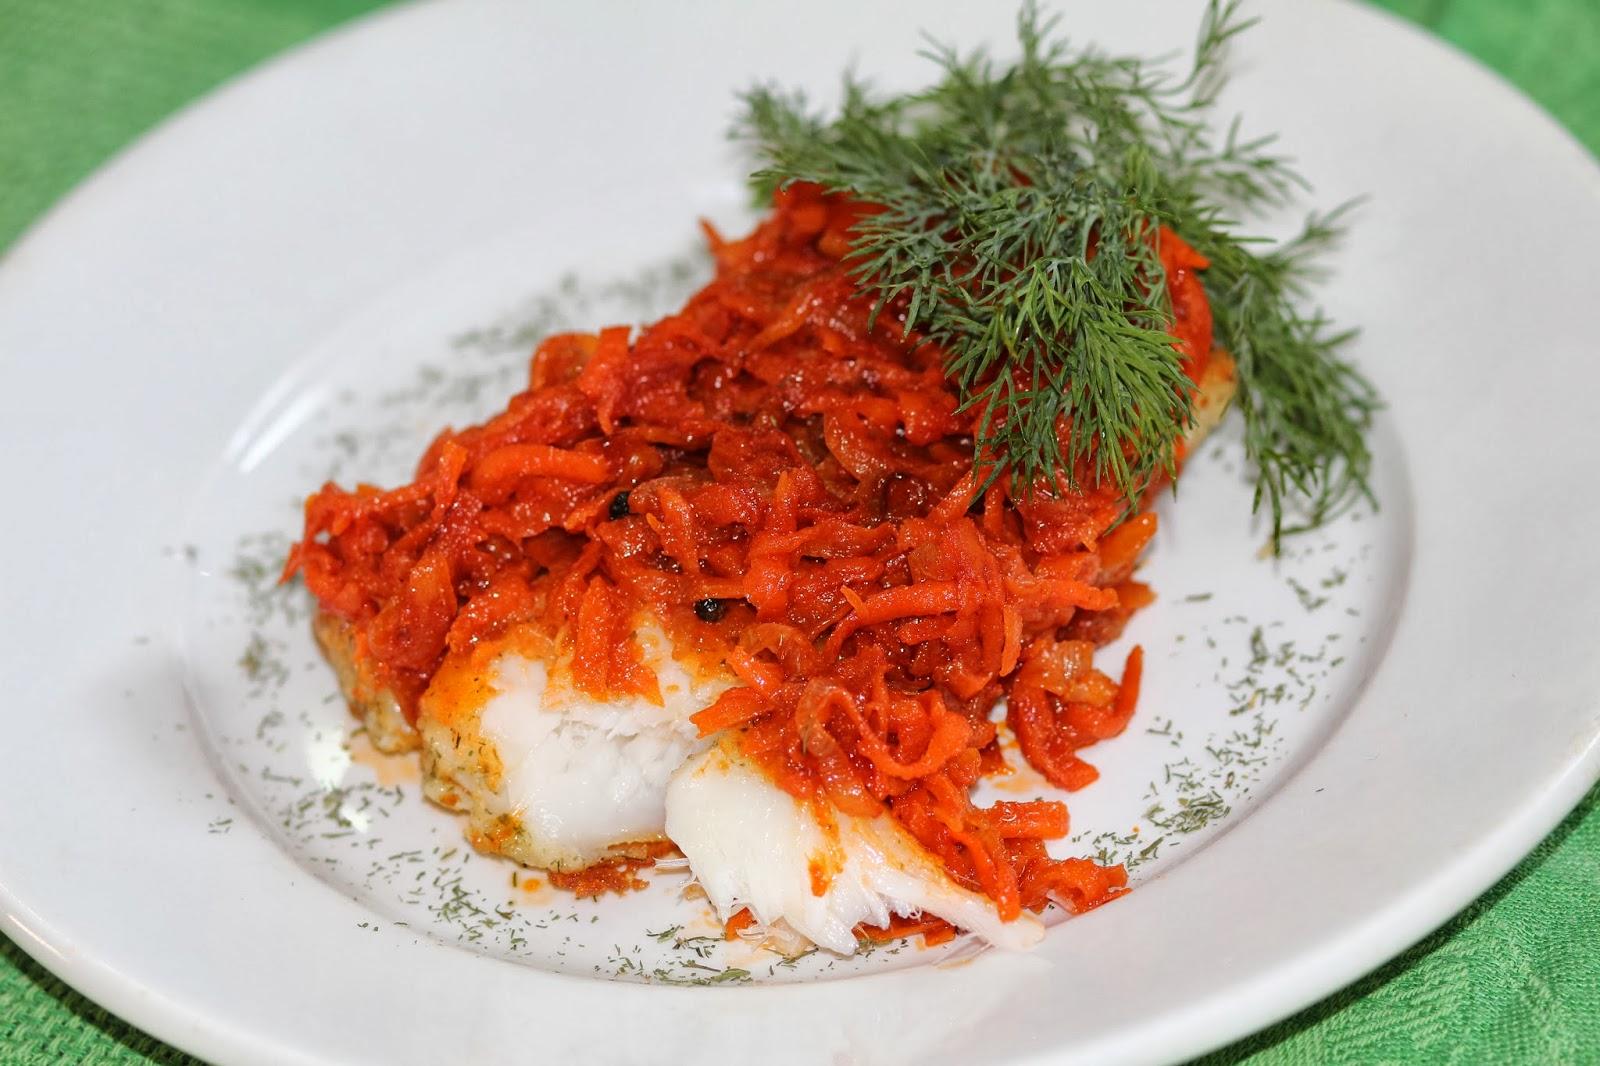 рецепты рыбы в маринаде с овощами фото способом обязательно попробуем